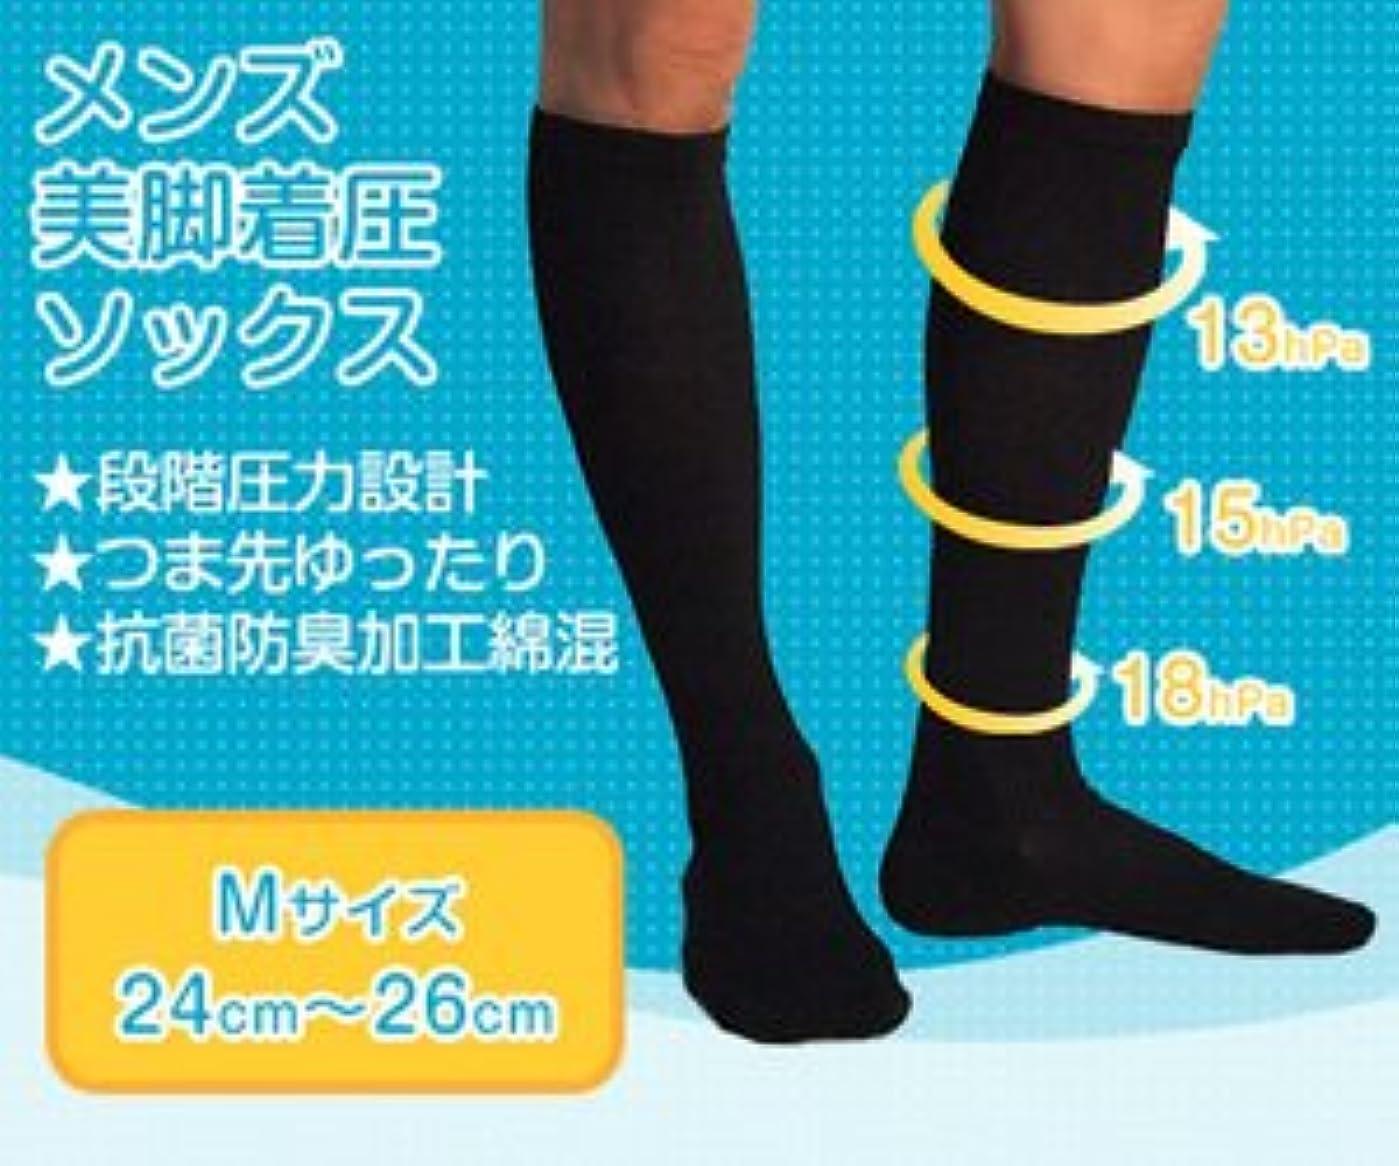 抽出ファーザーファージュわかる3足組 男性用 綿 着圧ソックス 足の疲れ むくみ対策 黒 24-26cm 太陽ニット N001M (ブラック)